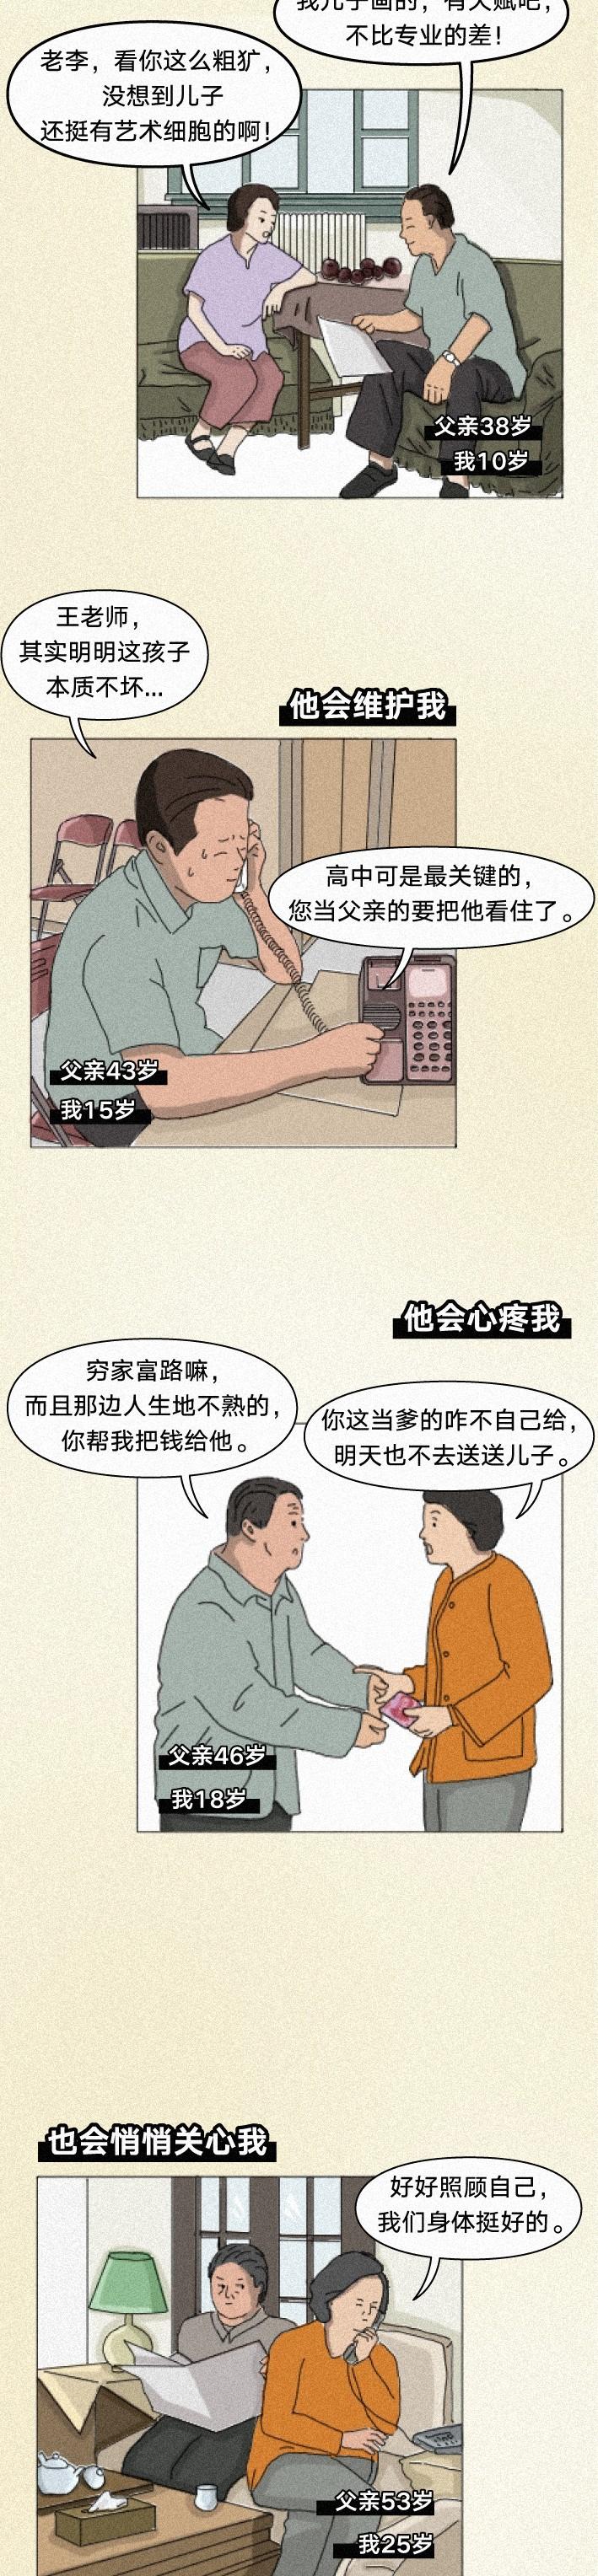 中国父亲图鉴